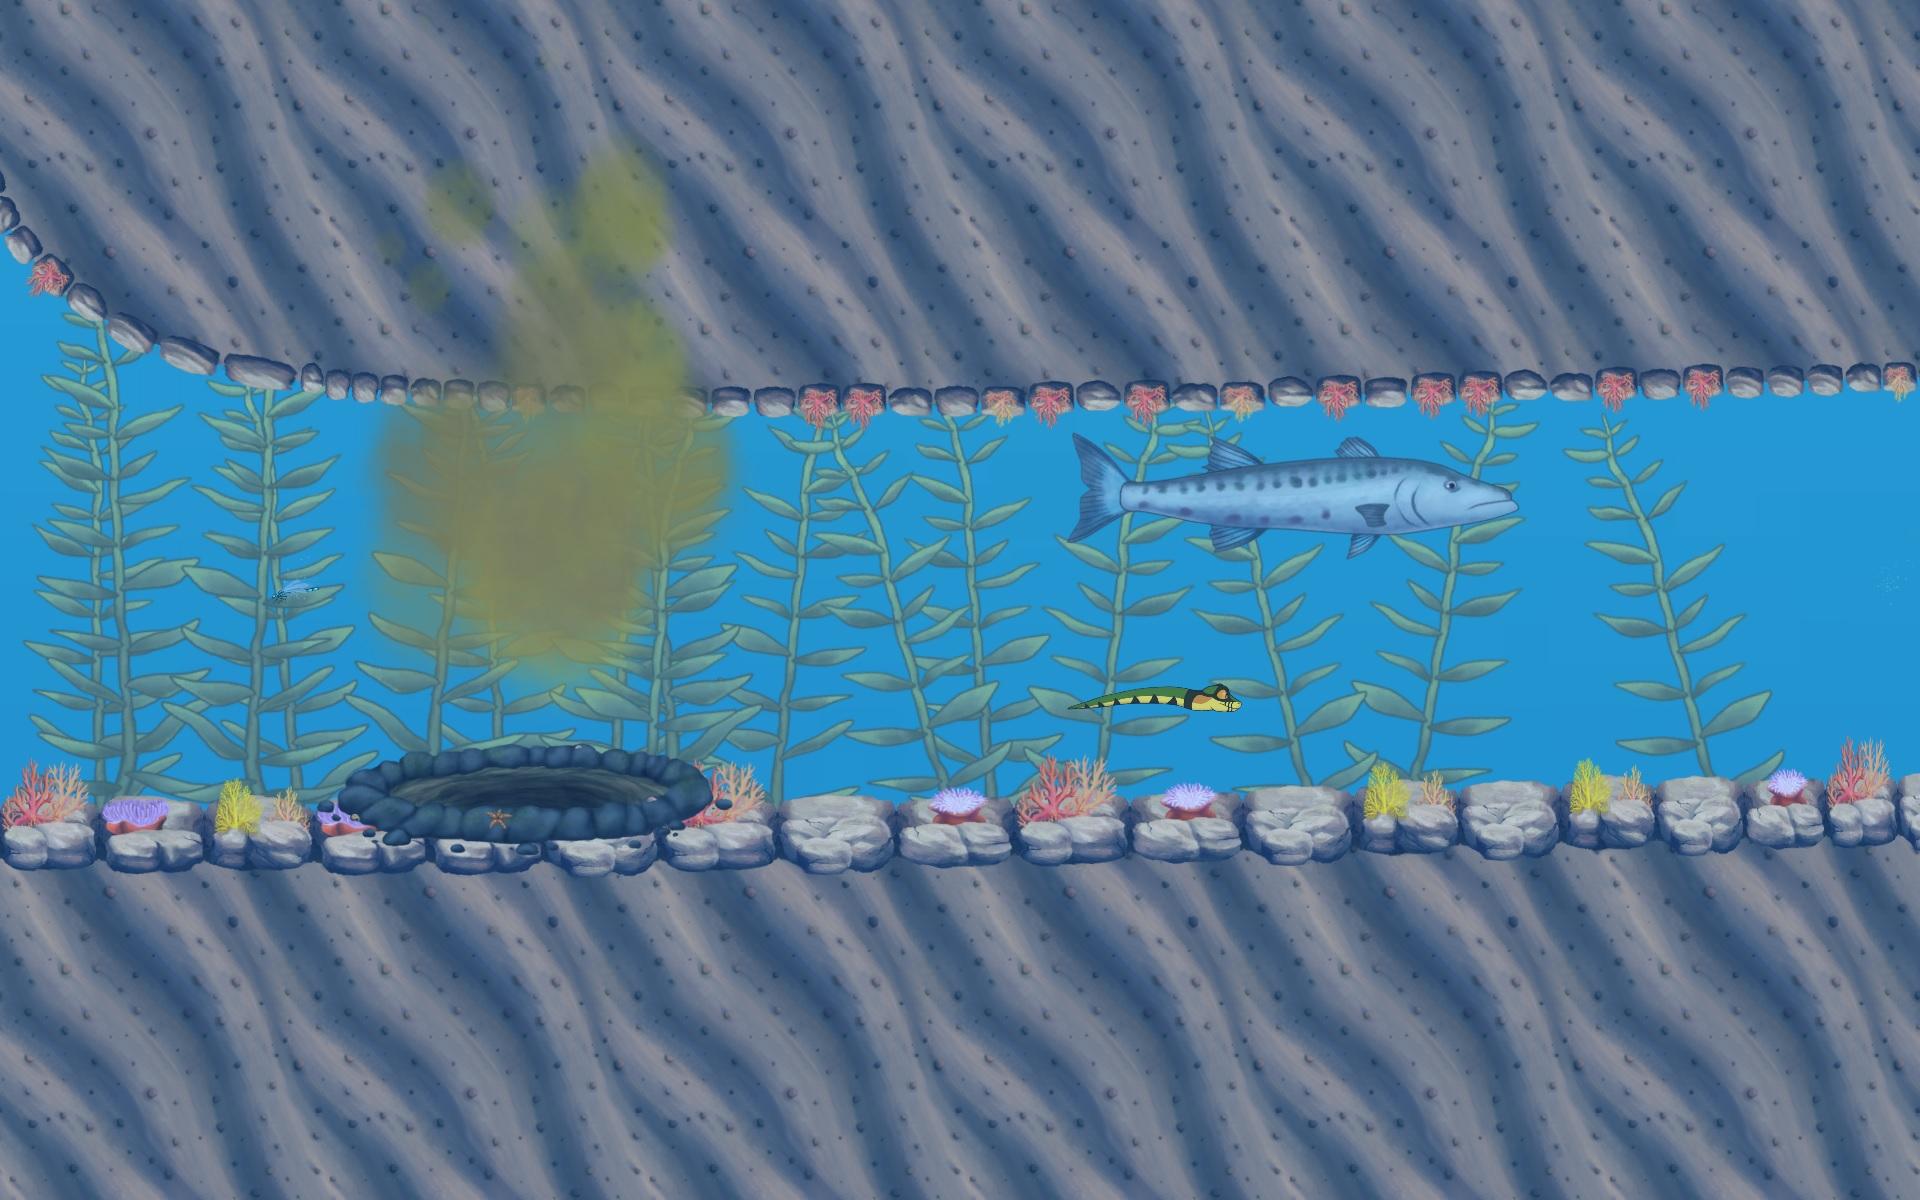 Lost Home underwater